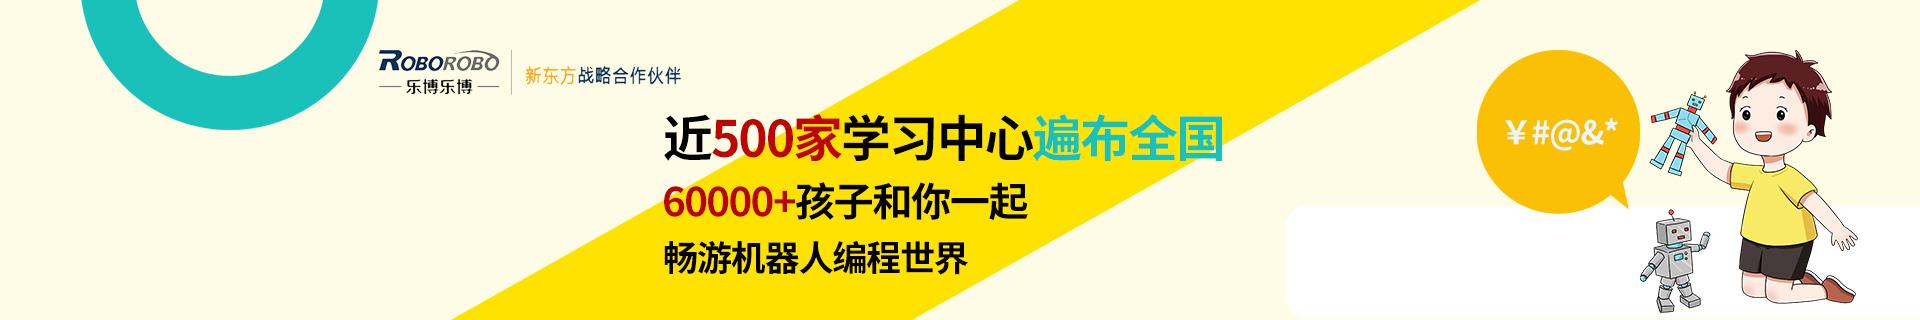 深圳南山区铜鼓路乐博乐博少儿编程